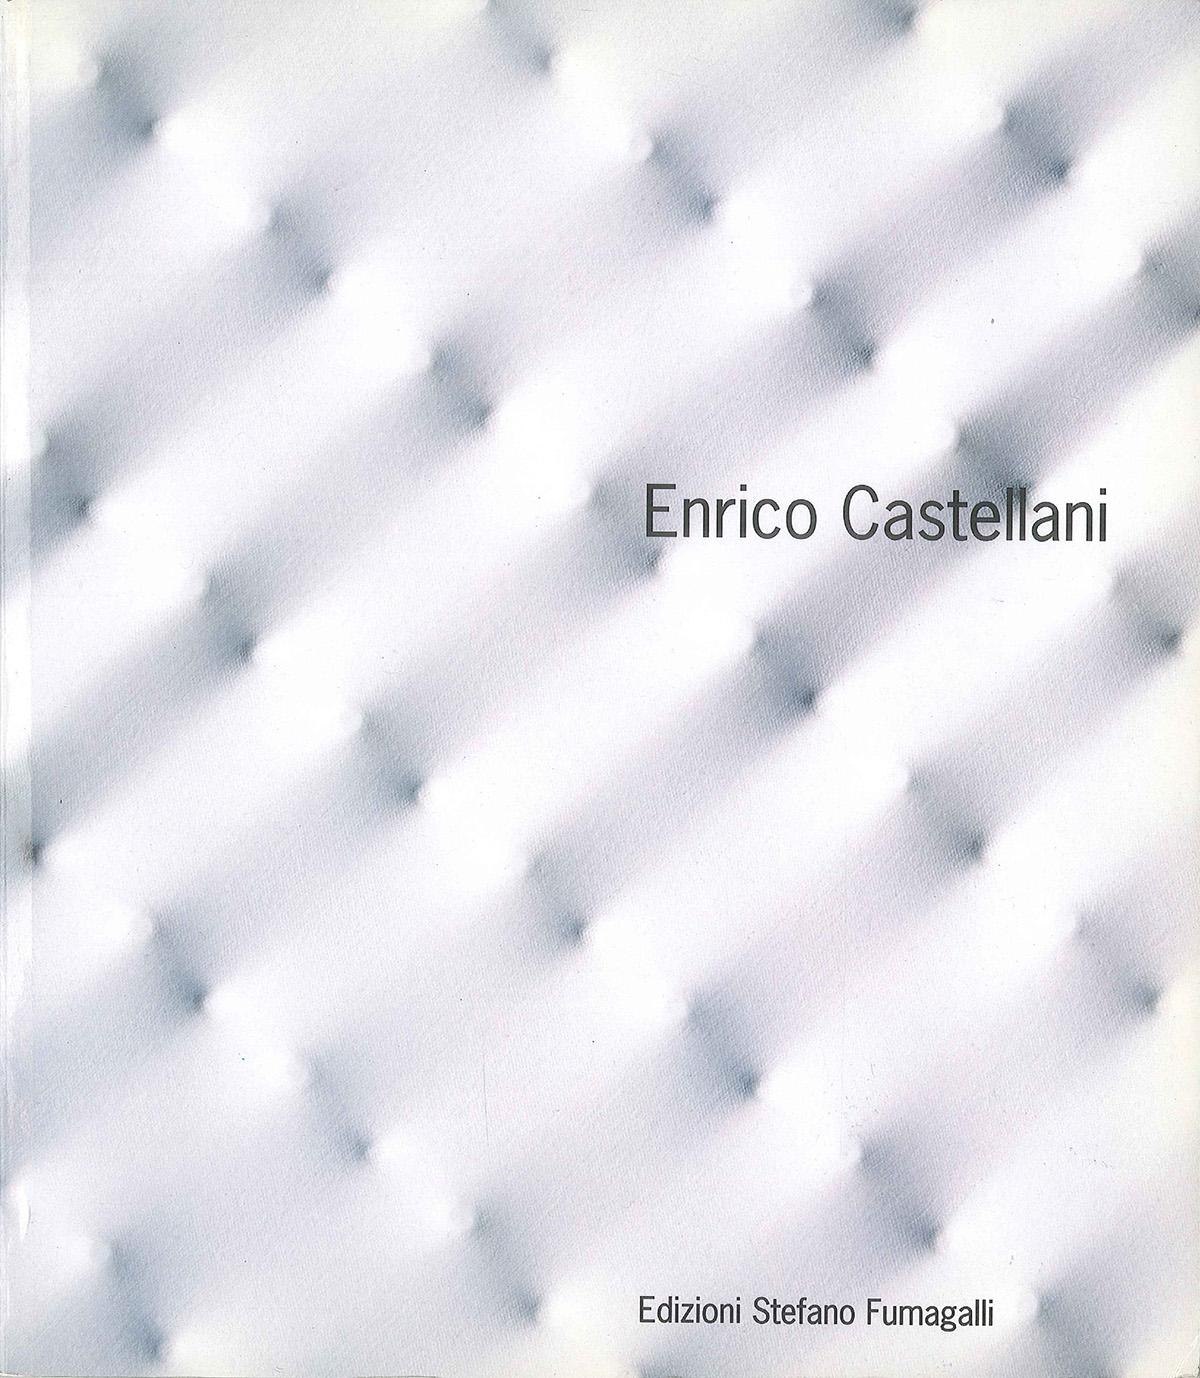 Cover - Enrico Castellani, Marco Meneguzzo, 1997, Edizioni Stefano Fumagalli, Bergamo